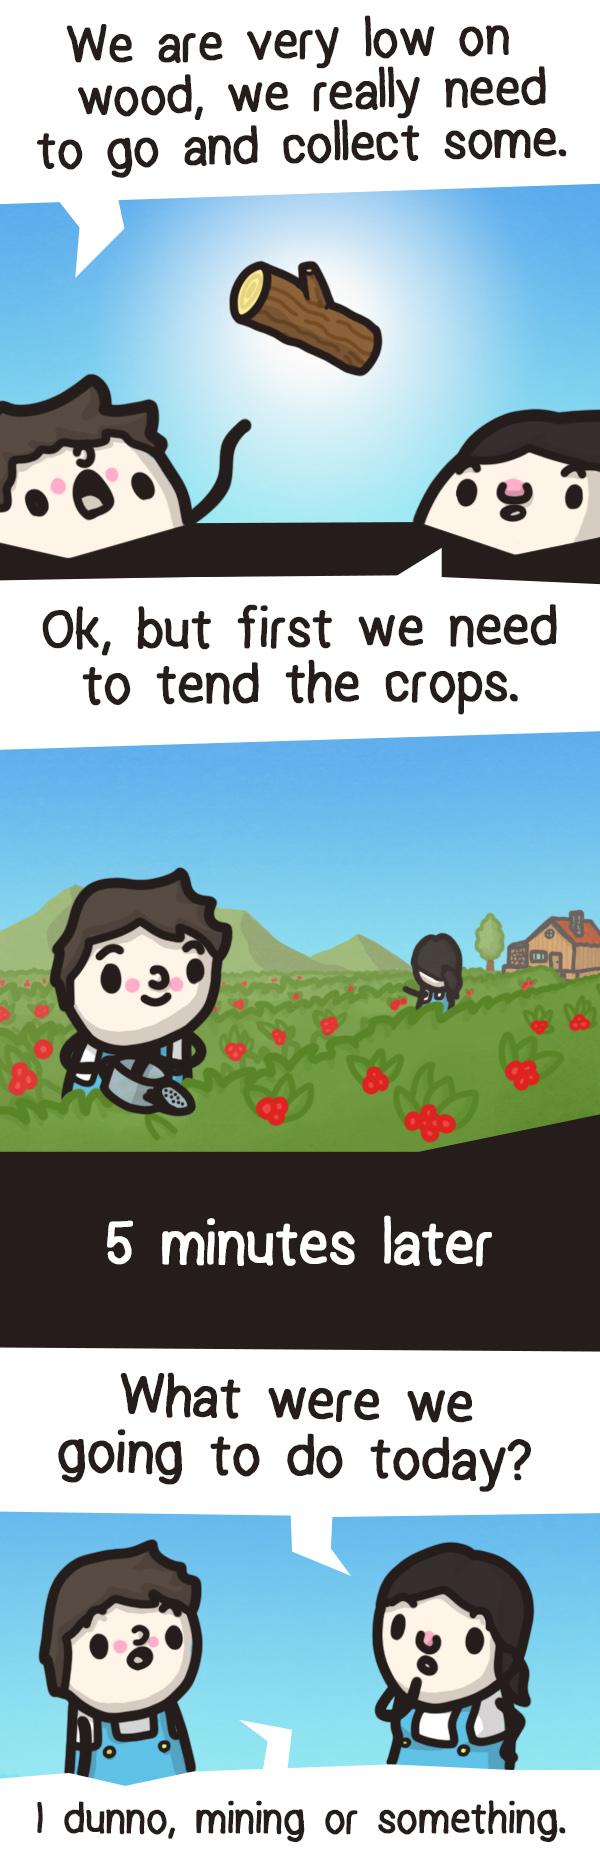 Stardew Valley - Forgetful farming